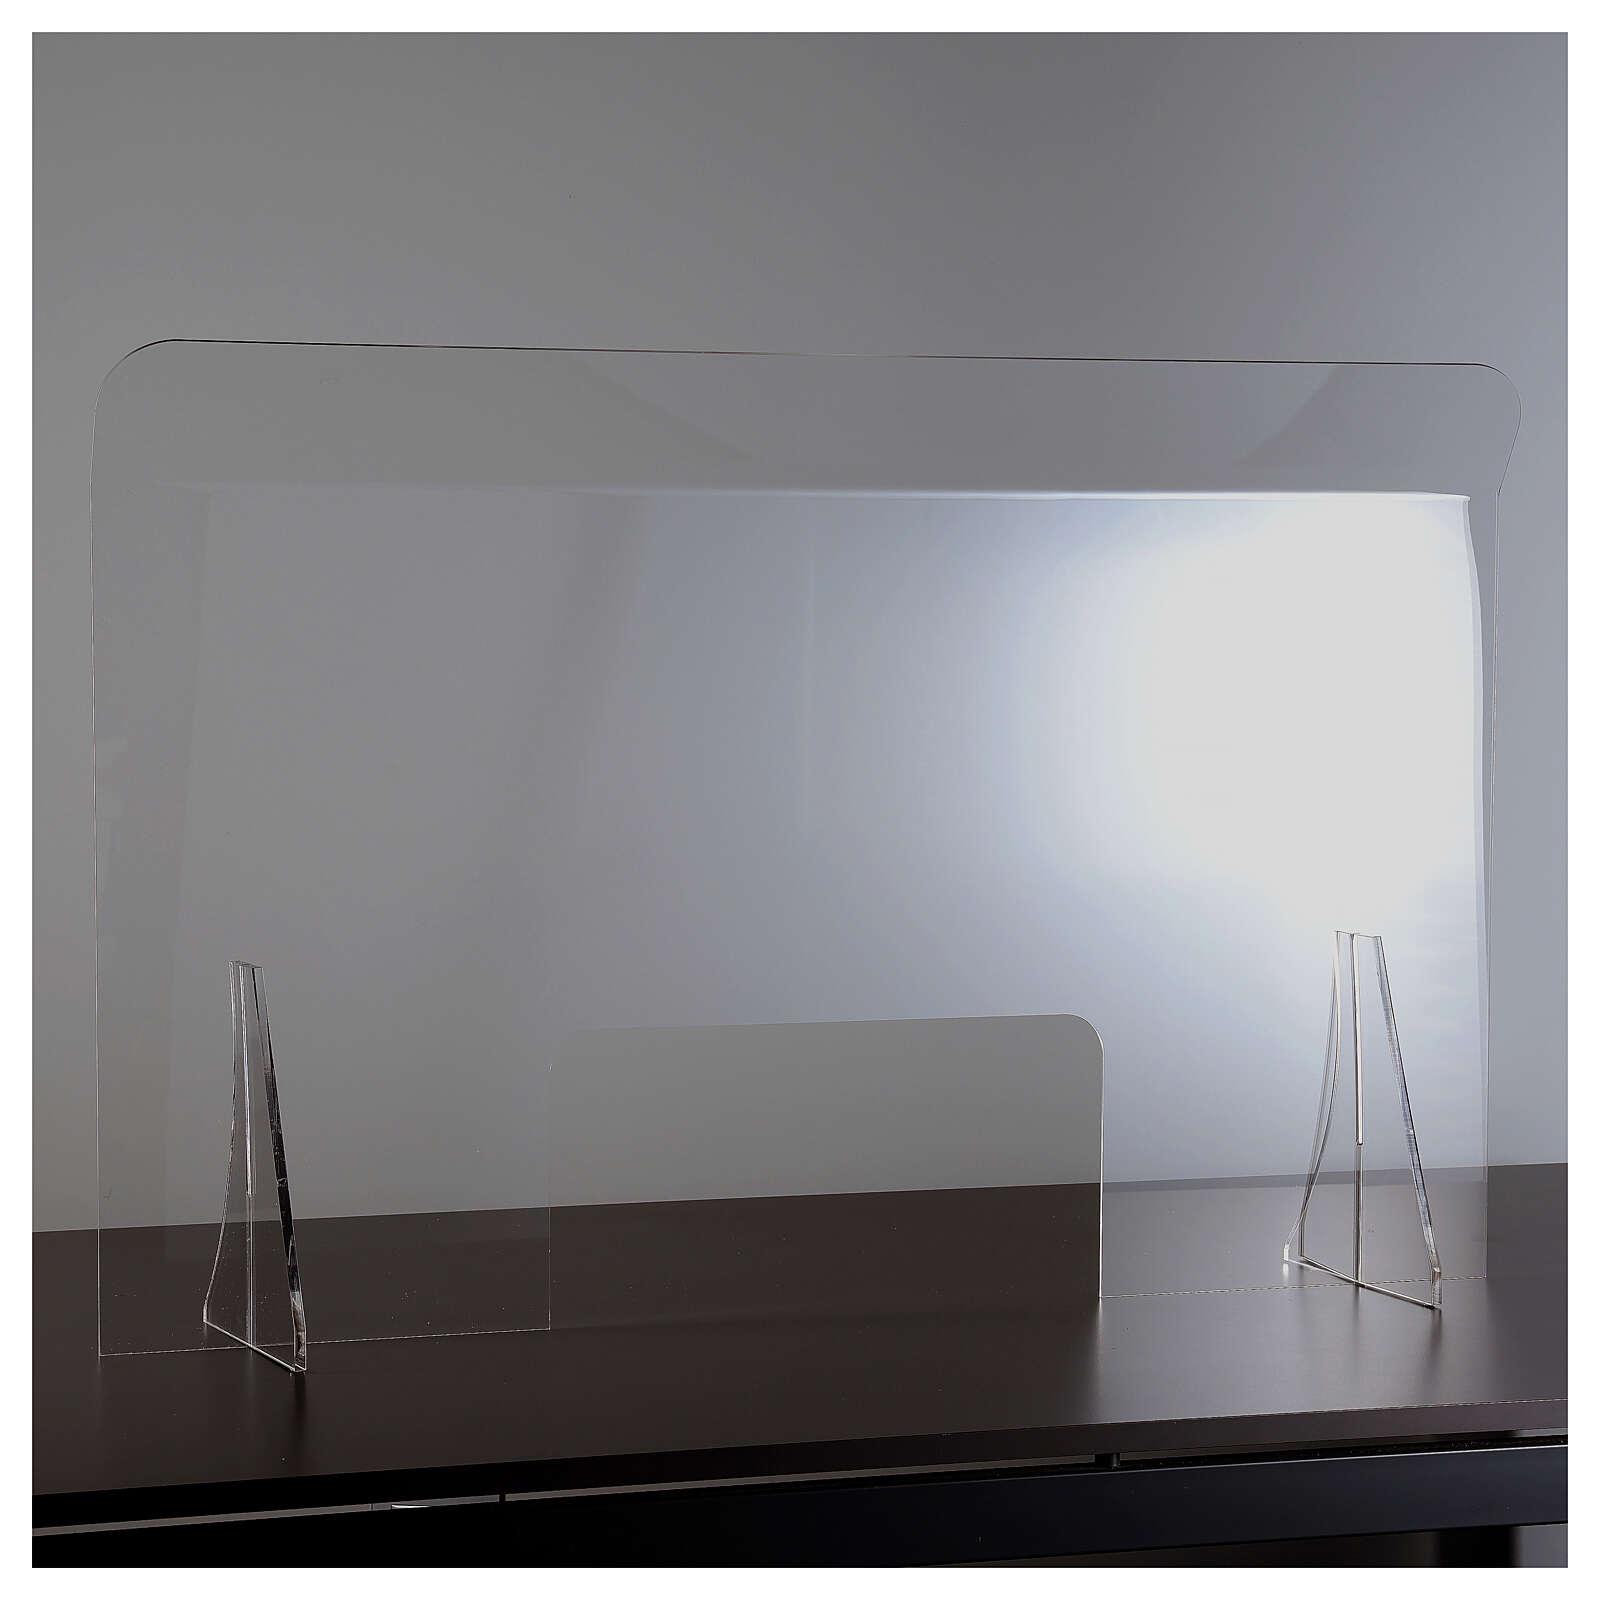 Schermo protezione plexiglass 65x100 cm spessore 8 mm 3